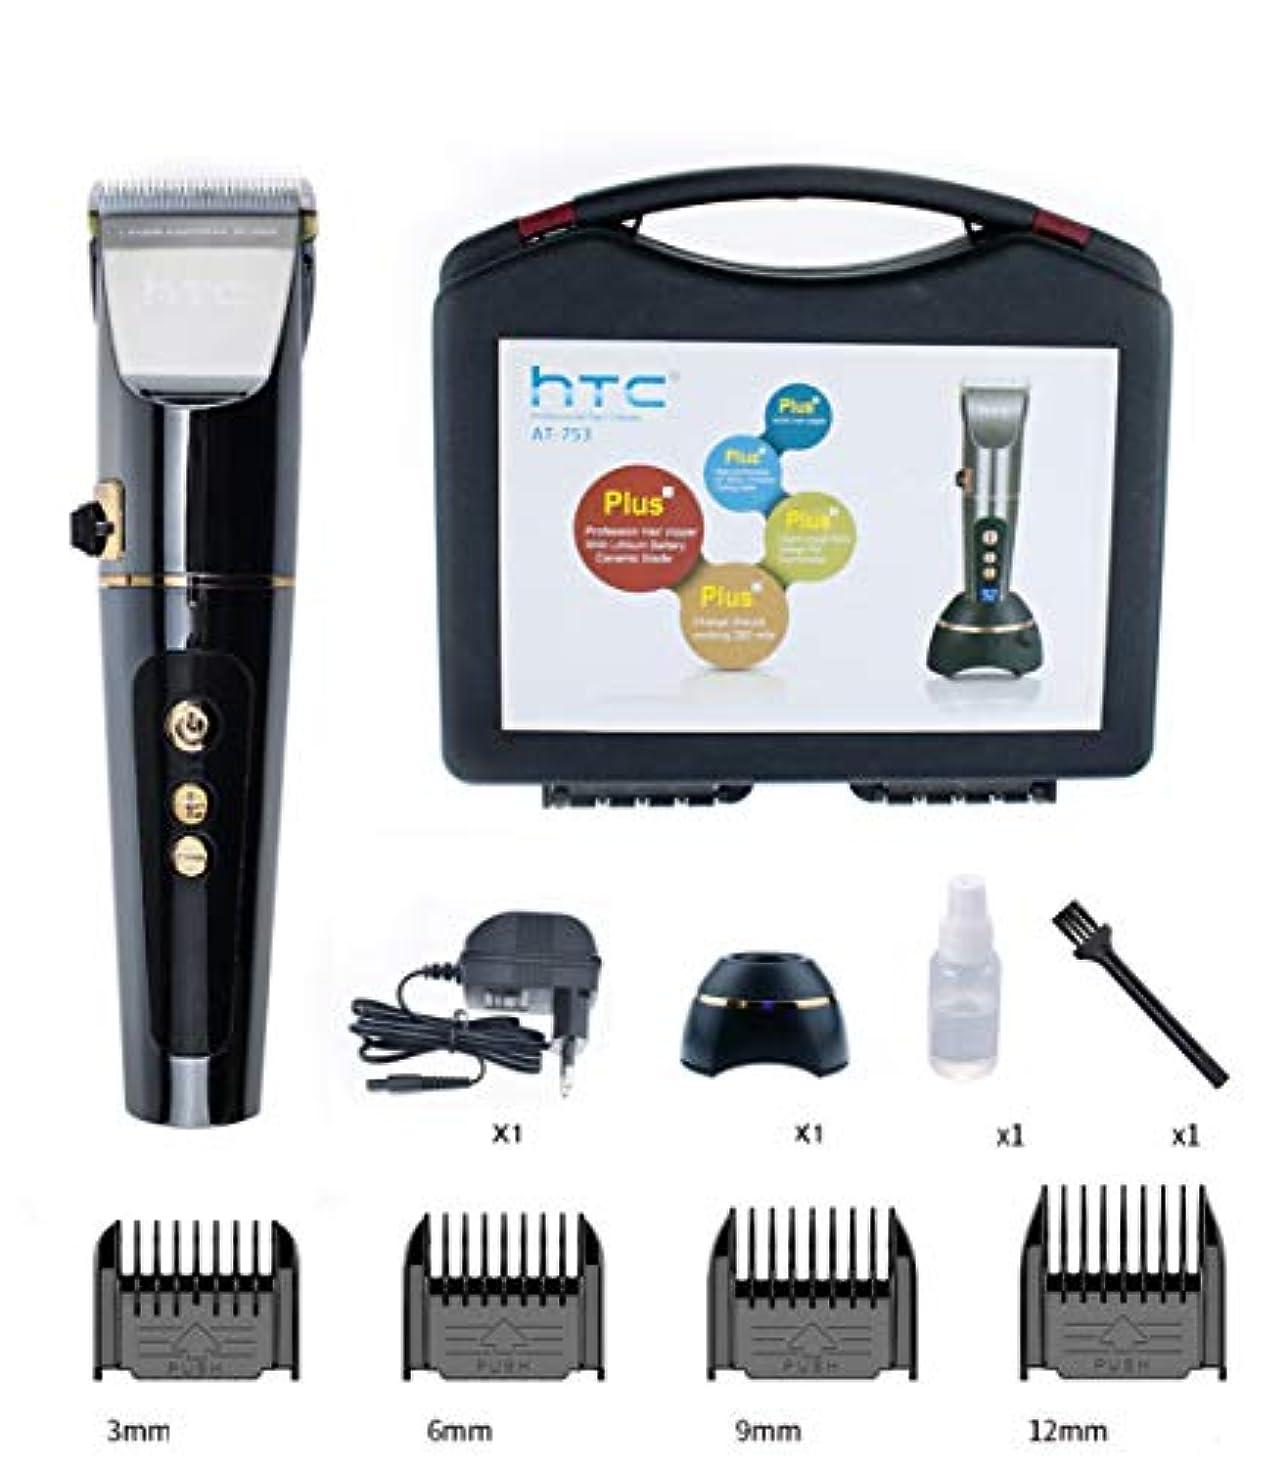 コードレスバリカン、男性用充電式カミソリ、電気ひげトリマー、美容シェービングマシン、調整可能な切断強度